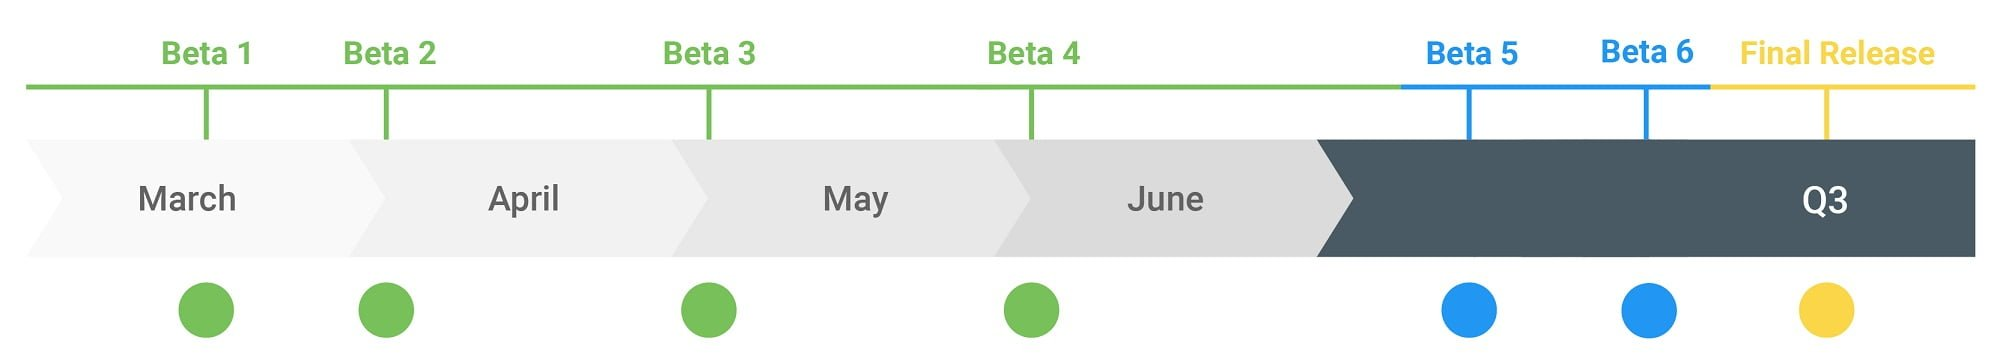 Google udostępniło pierwszą betę Androida Q. Jeśli masz Pixela, możesz ją pobrać 21